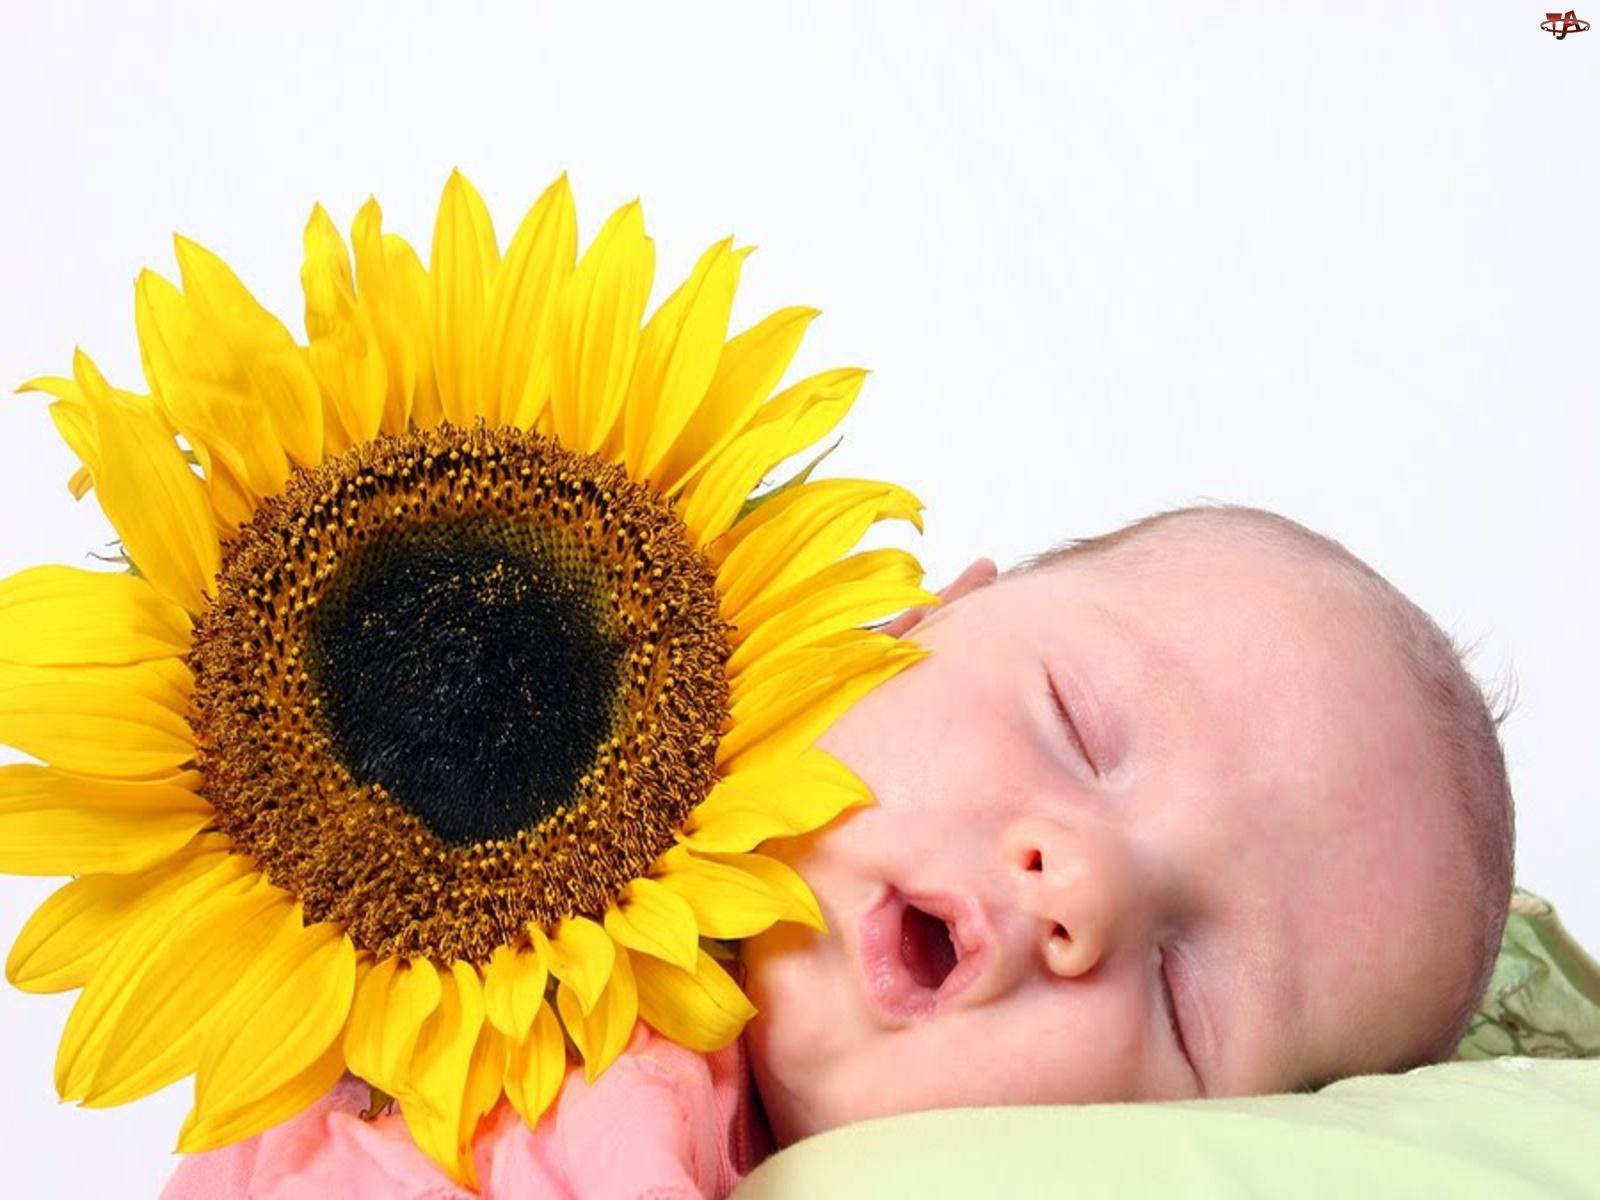 Słonecznik, Śpiące, Dziecko